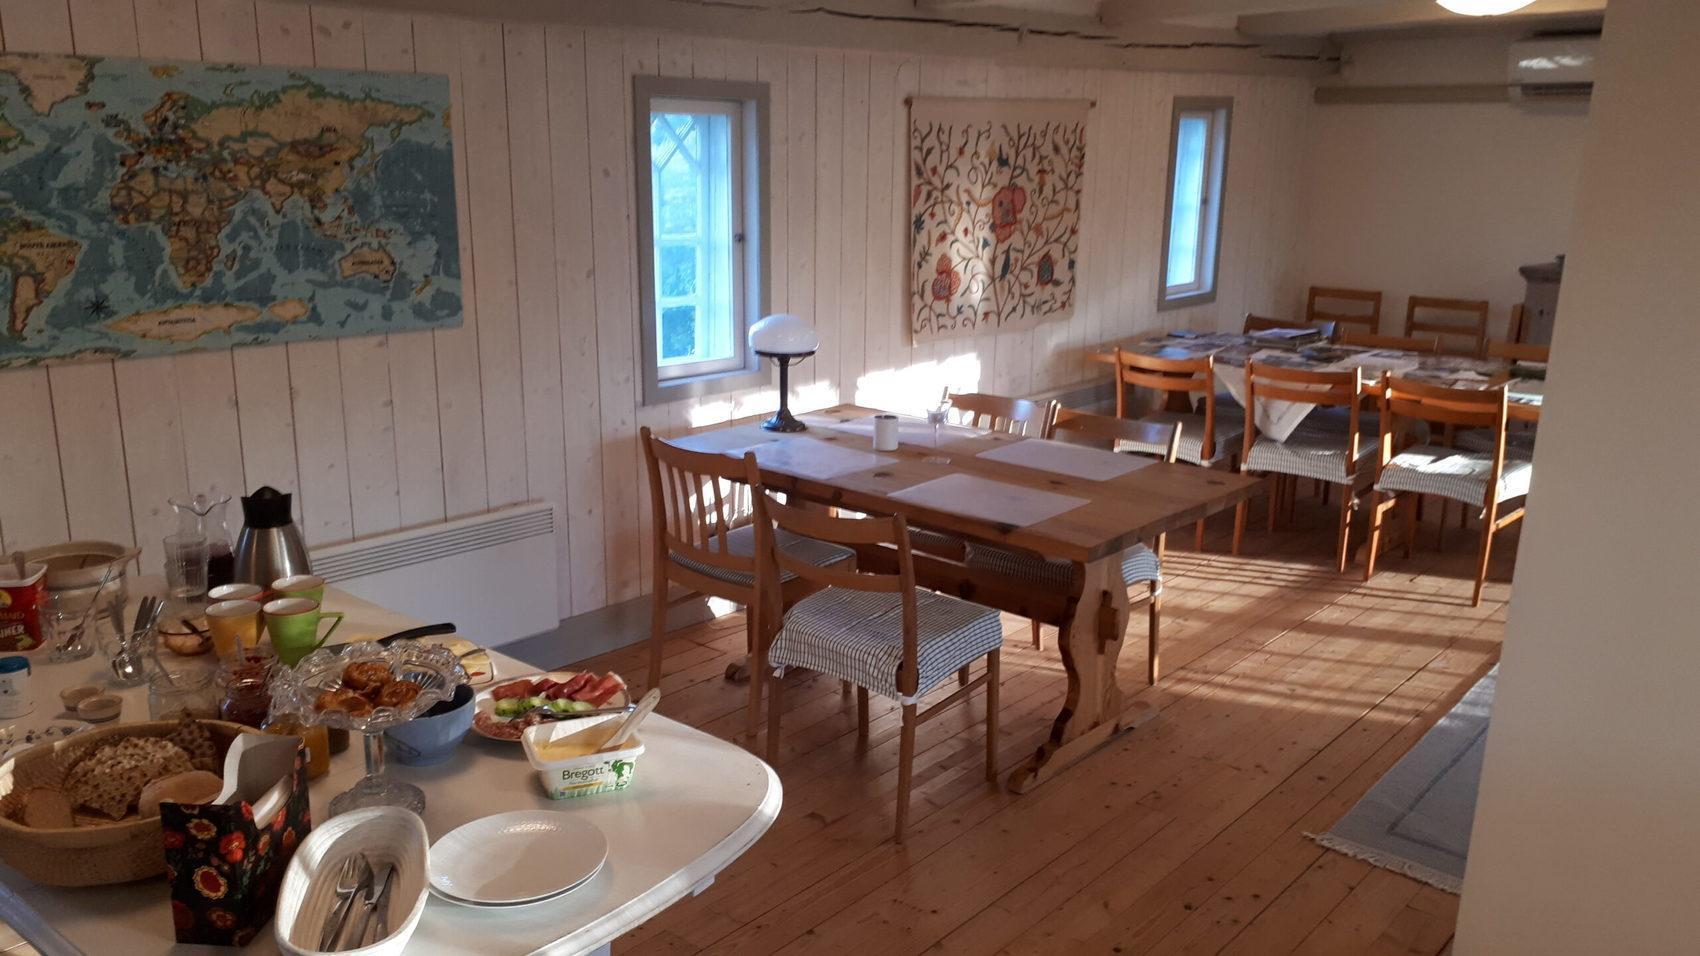 Matsal med bord och stolar. I förgrunden står en frukostbuffé uppdukad.